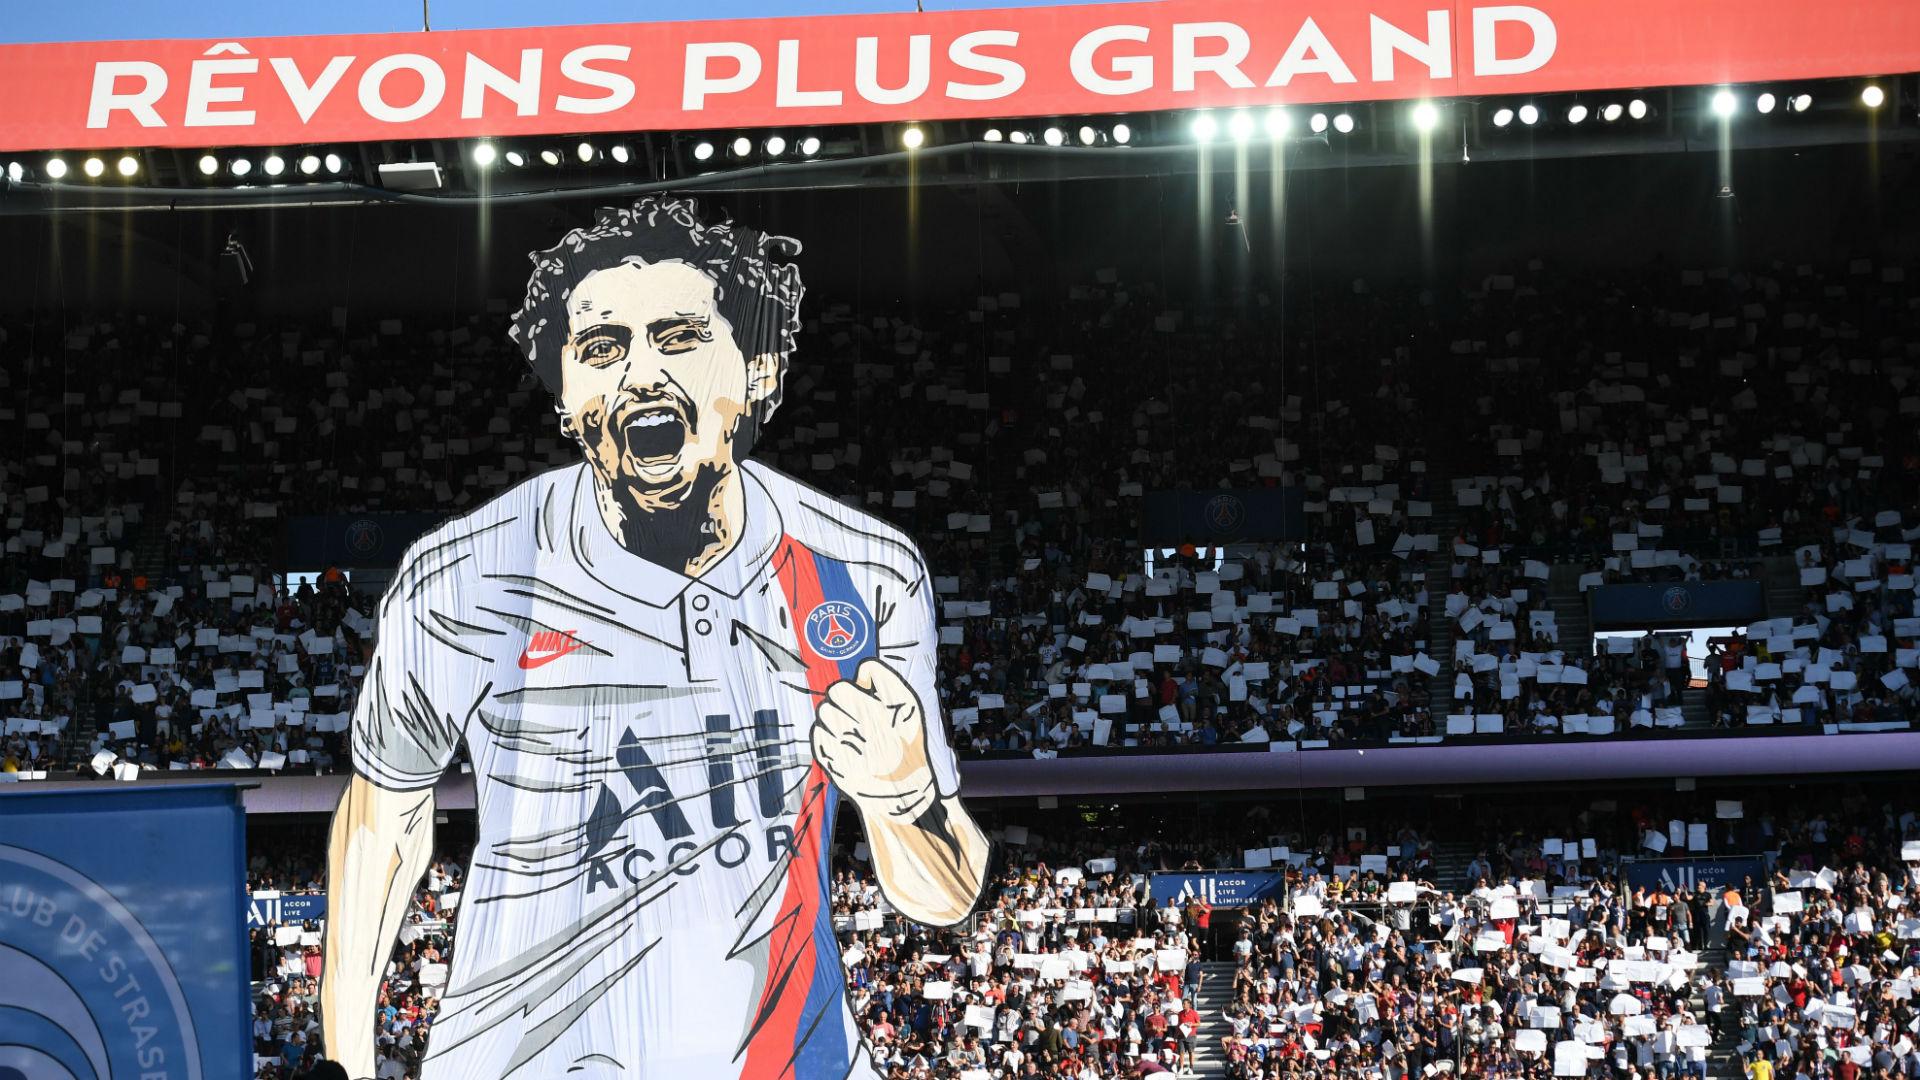 Ligue des champions - Le PSG jouera en blanc face au Real Madrid